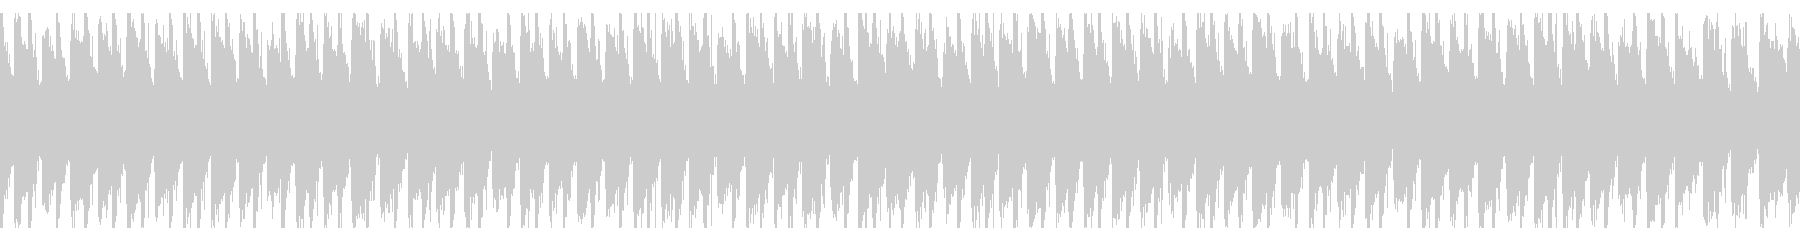 アップビートでハッピーポップ(ループ)の未再生の波形